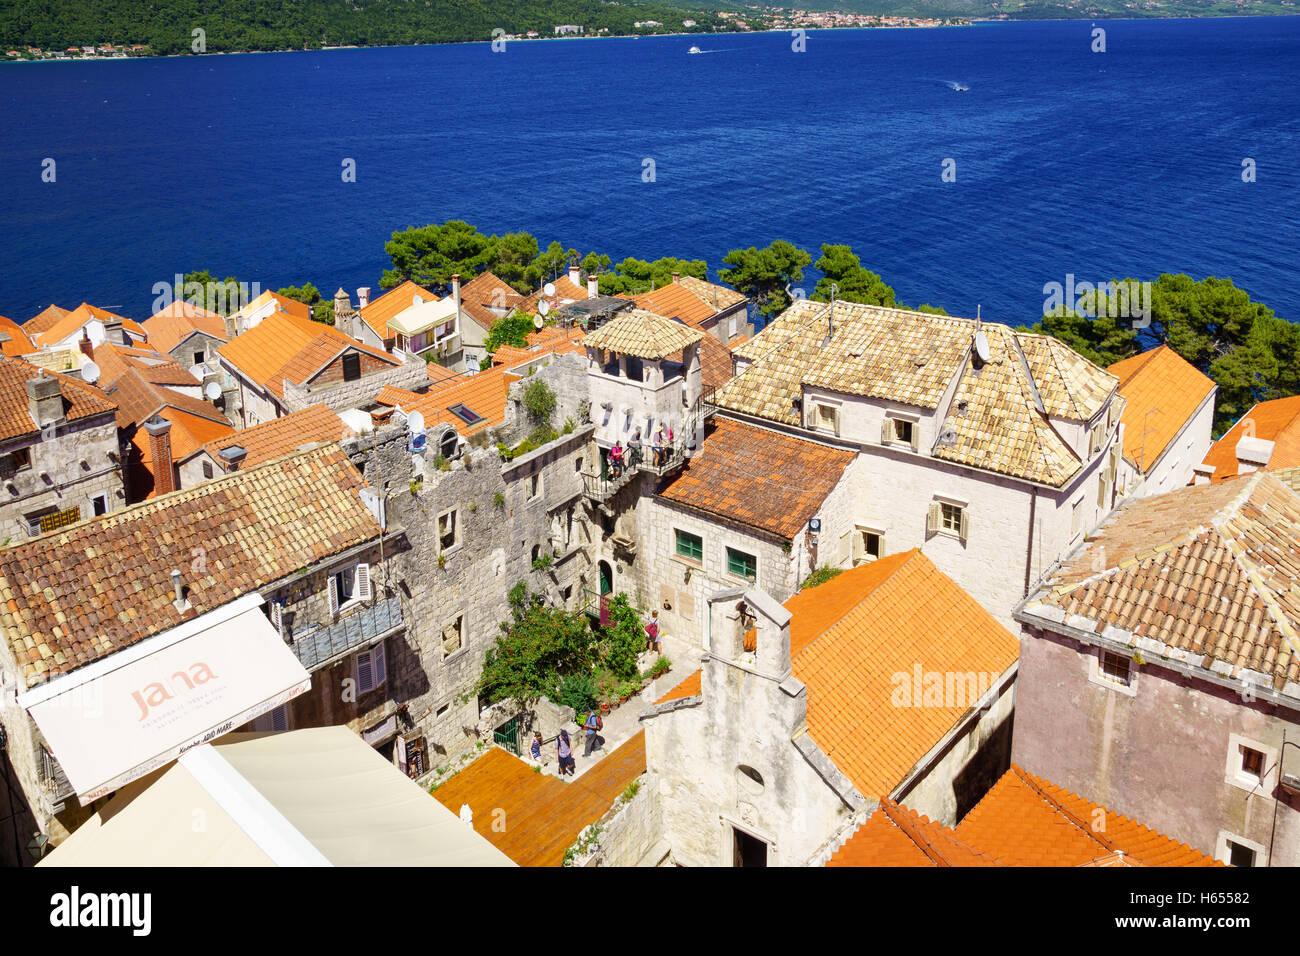 KORCULA, Croatie - 25 juin 2015: Toit vue sur la vieille ville, avec la maison de Maco Polo, habitants et Photo Stock